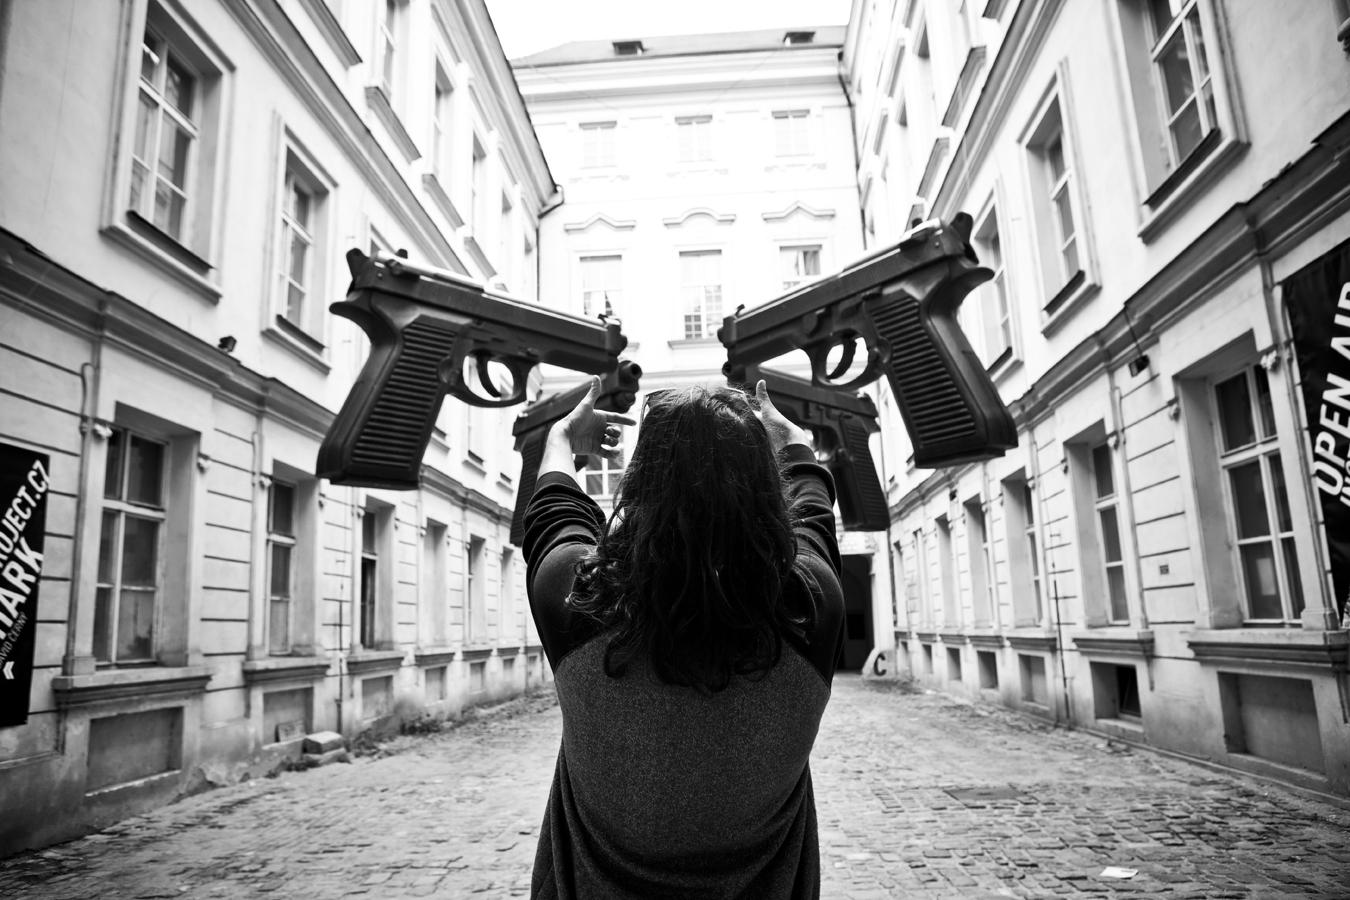 DannyKass_Guns_Prague_SilvanoZeiter.jpg